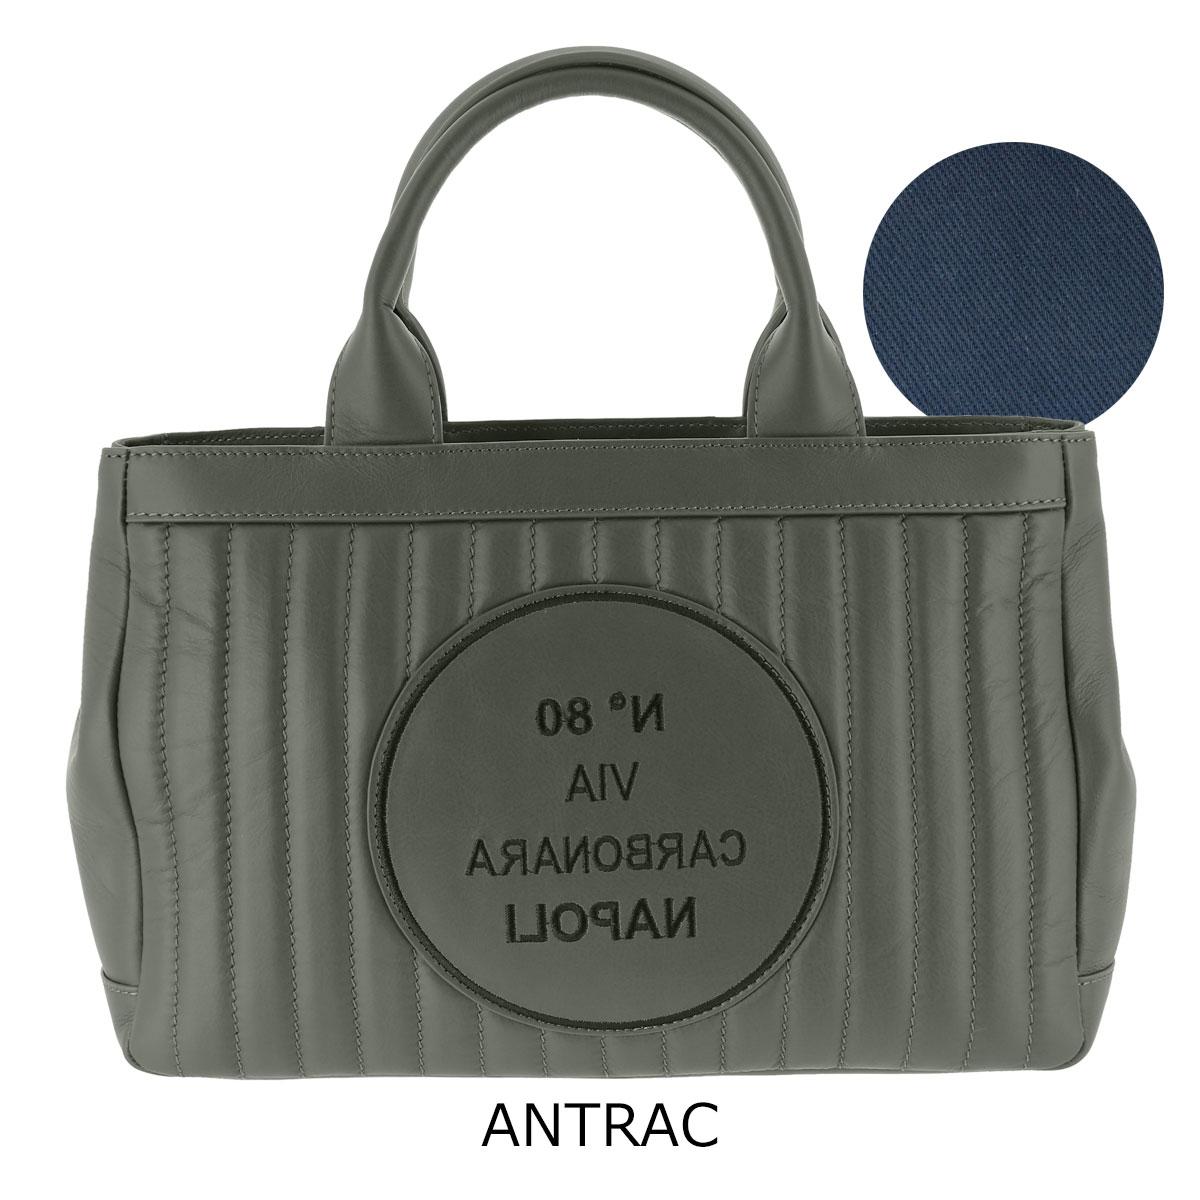 ANTRAC